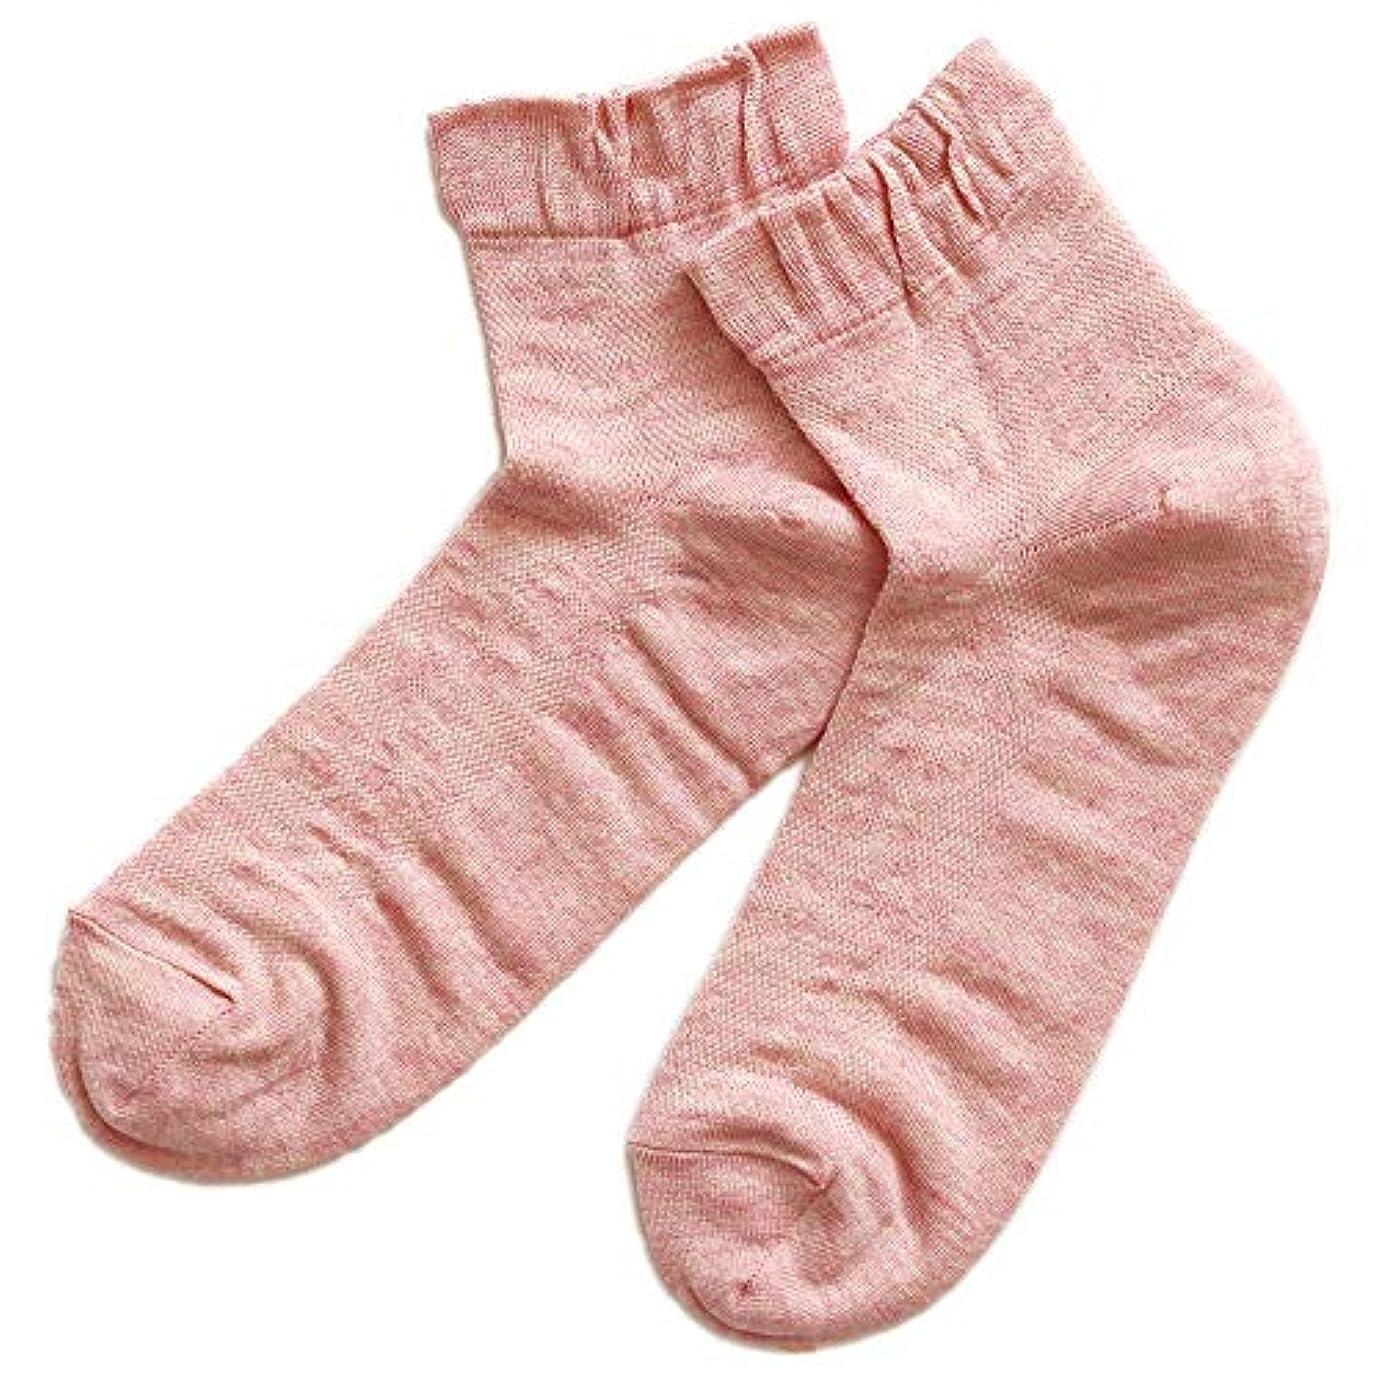 温室説得力のある競争力のある温むすび かかとケア靴下 【足うら美人メッシュタイプ 女性用 22~24cm ピンク】 ひび割れ ケア 夏用